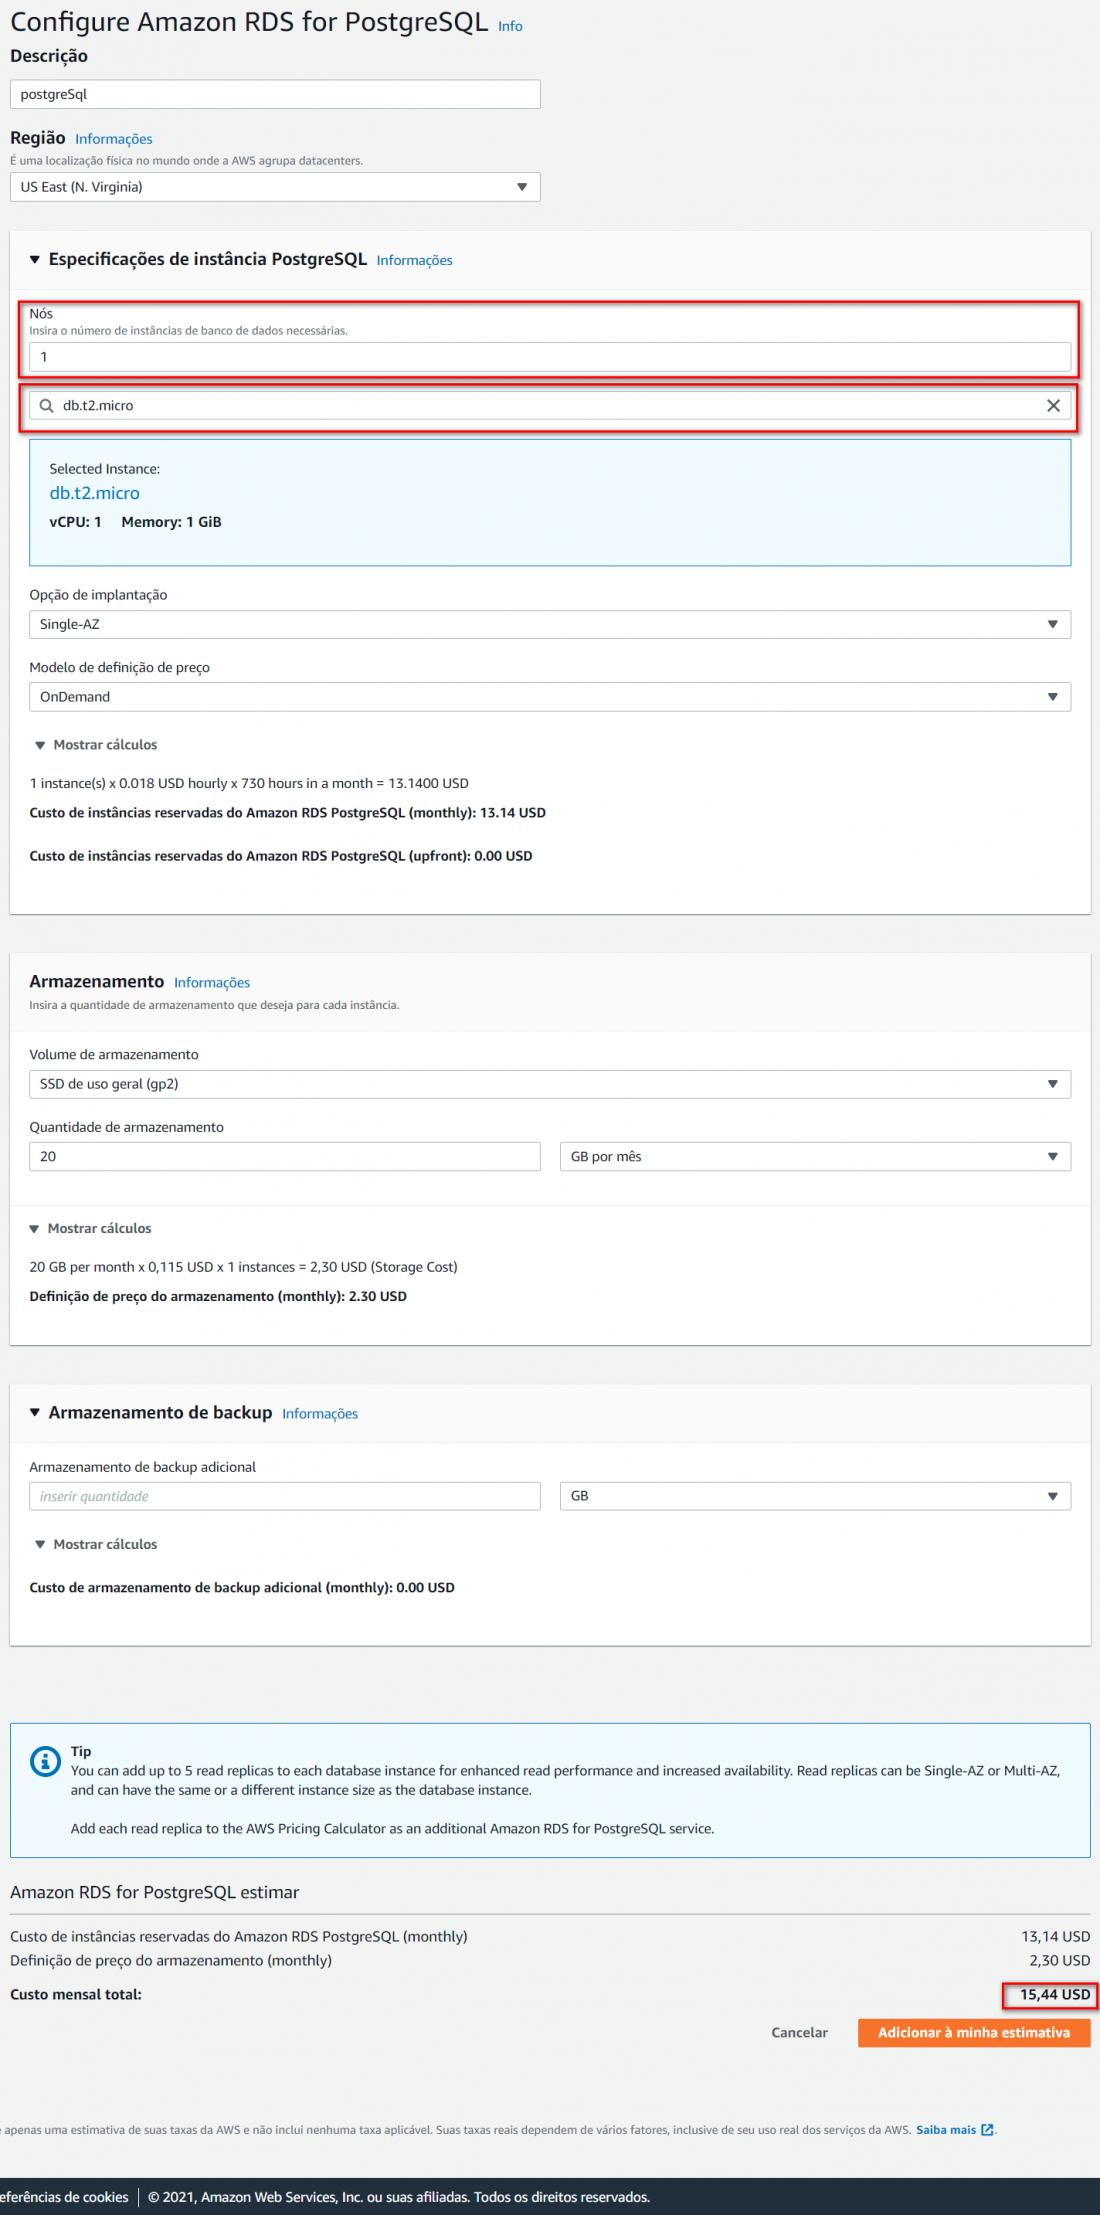 trabalhando com postgresql na aws crie sua primeira instancia 002 1100x2215 - Crie um banco de dados PostgreSql na AWS e conecte-se a ele